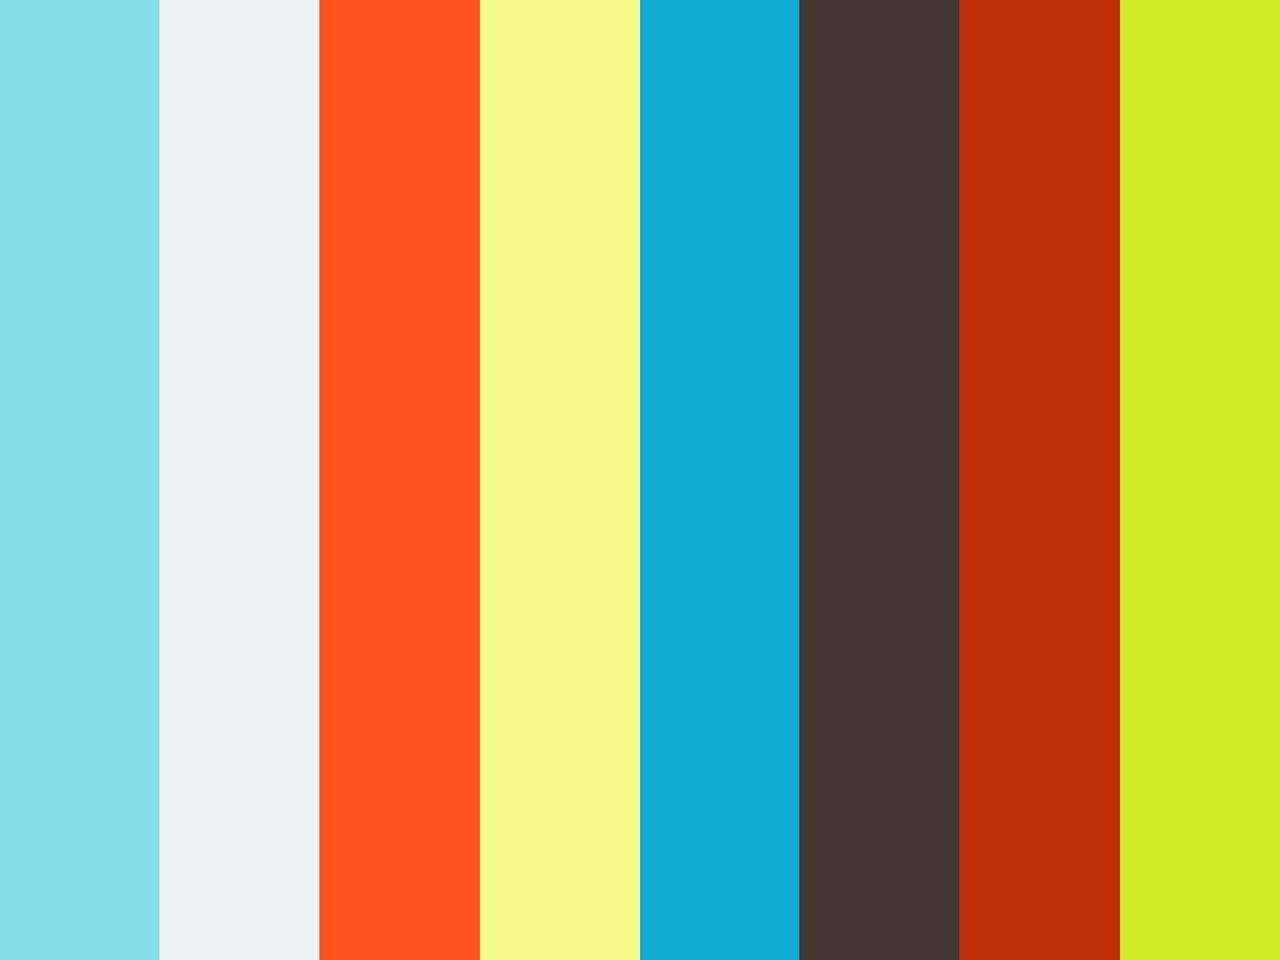 002826 - Assuconsulting - 13 - Jonge bestuurder